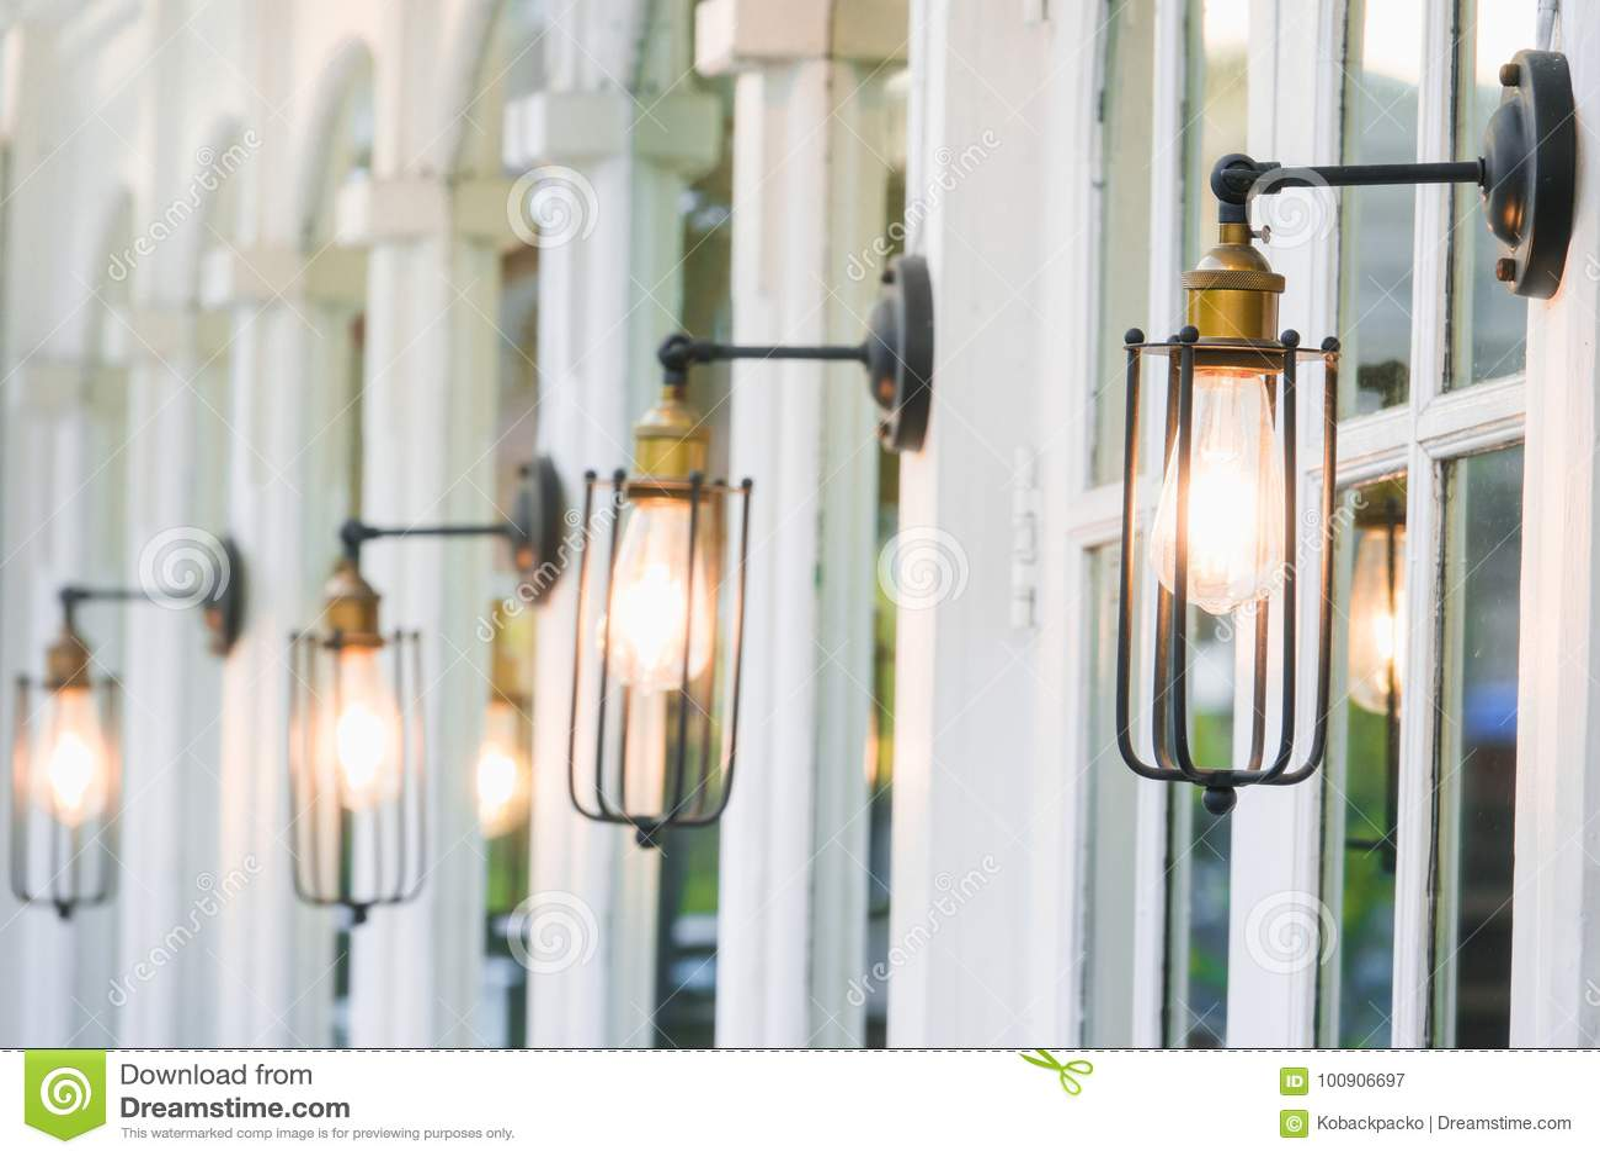 Decorazione d 39 annata di illuminazione sulle finestre for Decorazione entrata casa